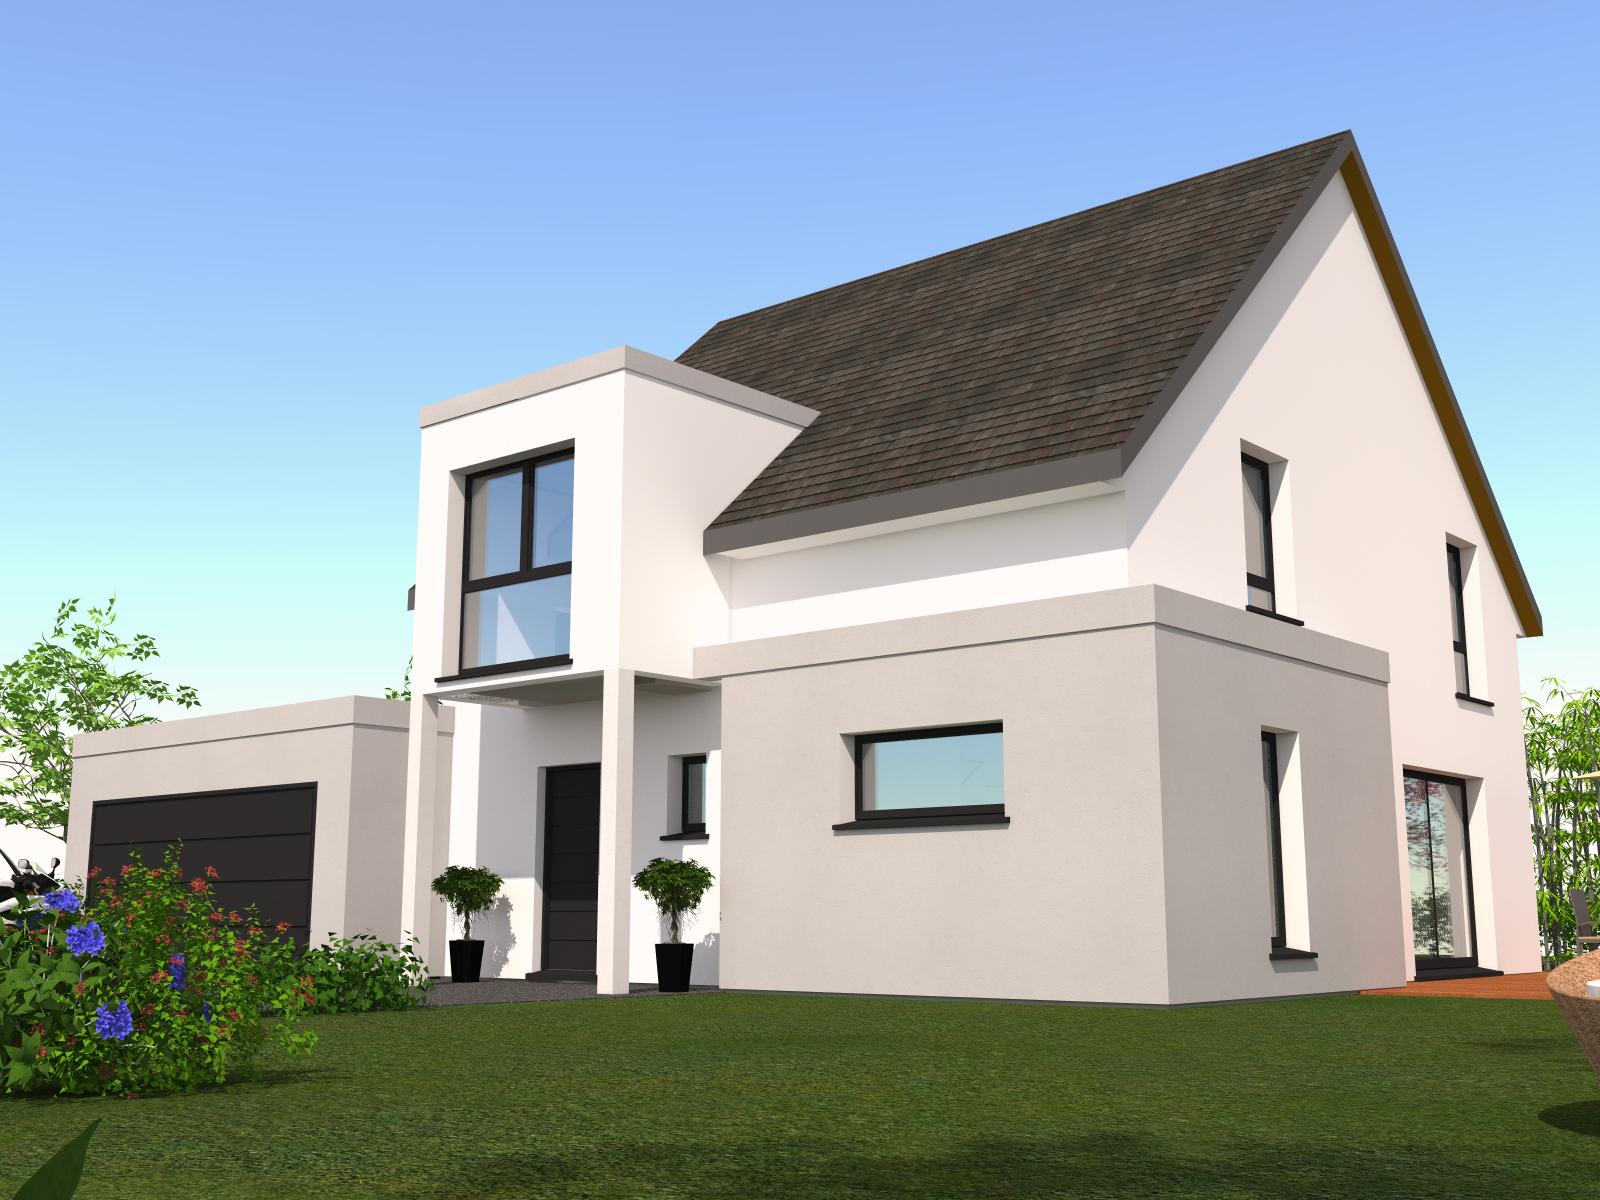 maison 2 pans avec une lucarne cubique maisons k constructeur de maisons ou extensions en. Black Bedroom Furniture Sets. Home Design Ideas